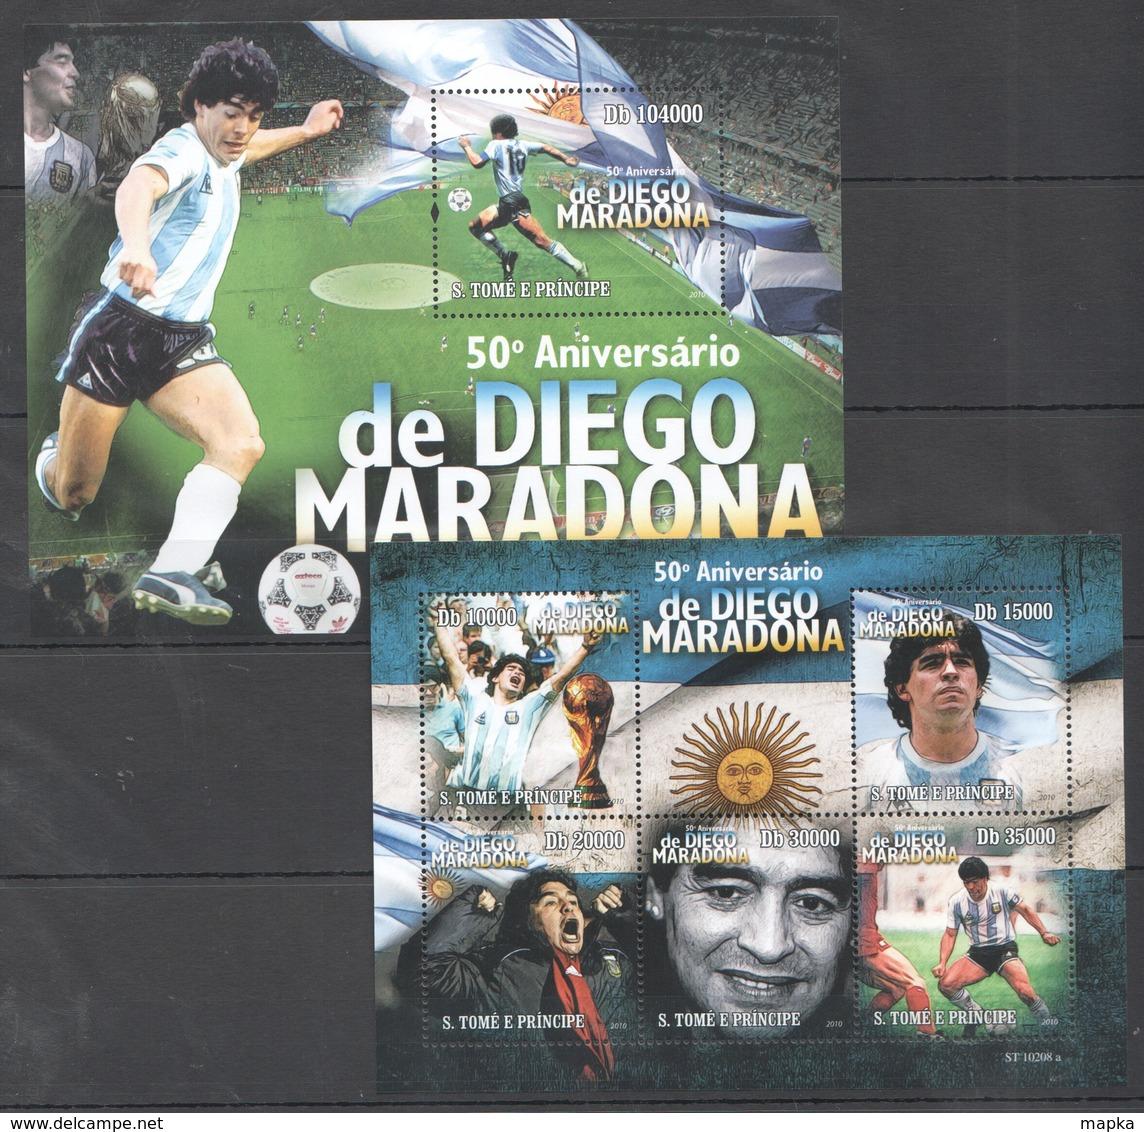 BC824 2010 S.TOME E PRINCIPE SPORT FOOTBALL LEGEND DIEGO MARADONNA 1KB+1BL MNH - Autres